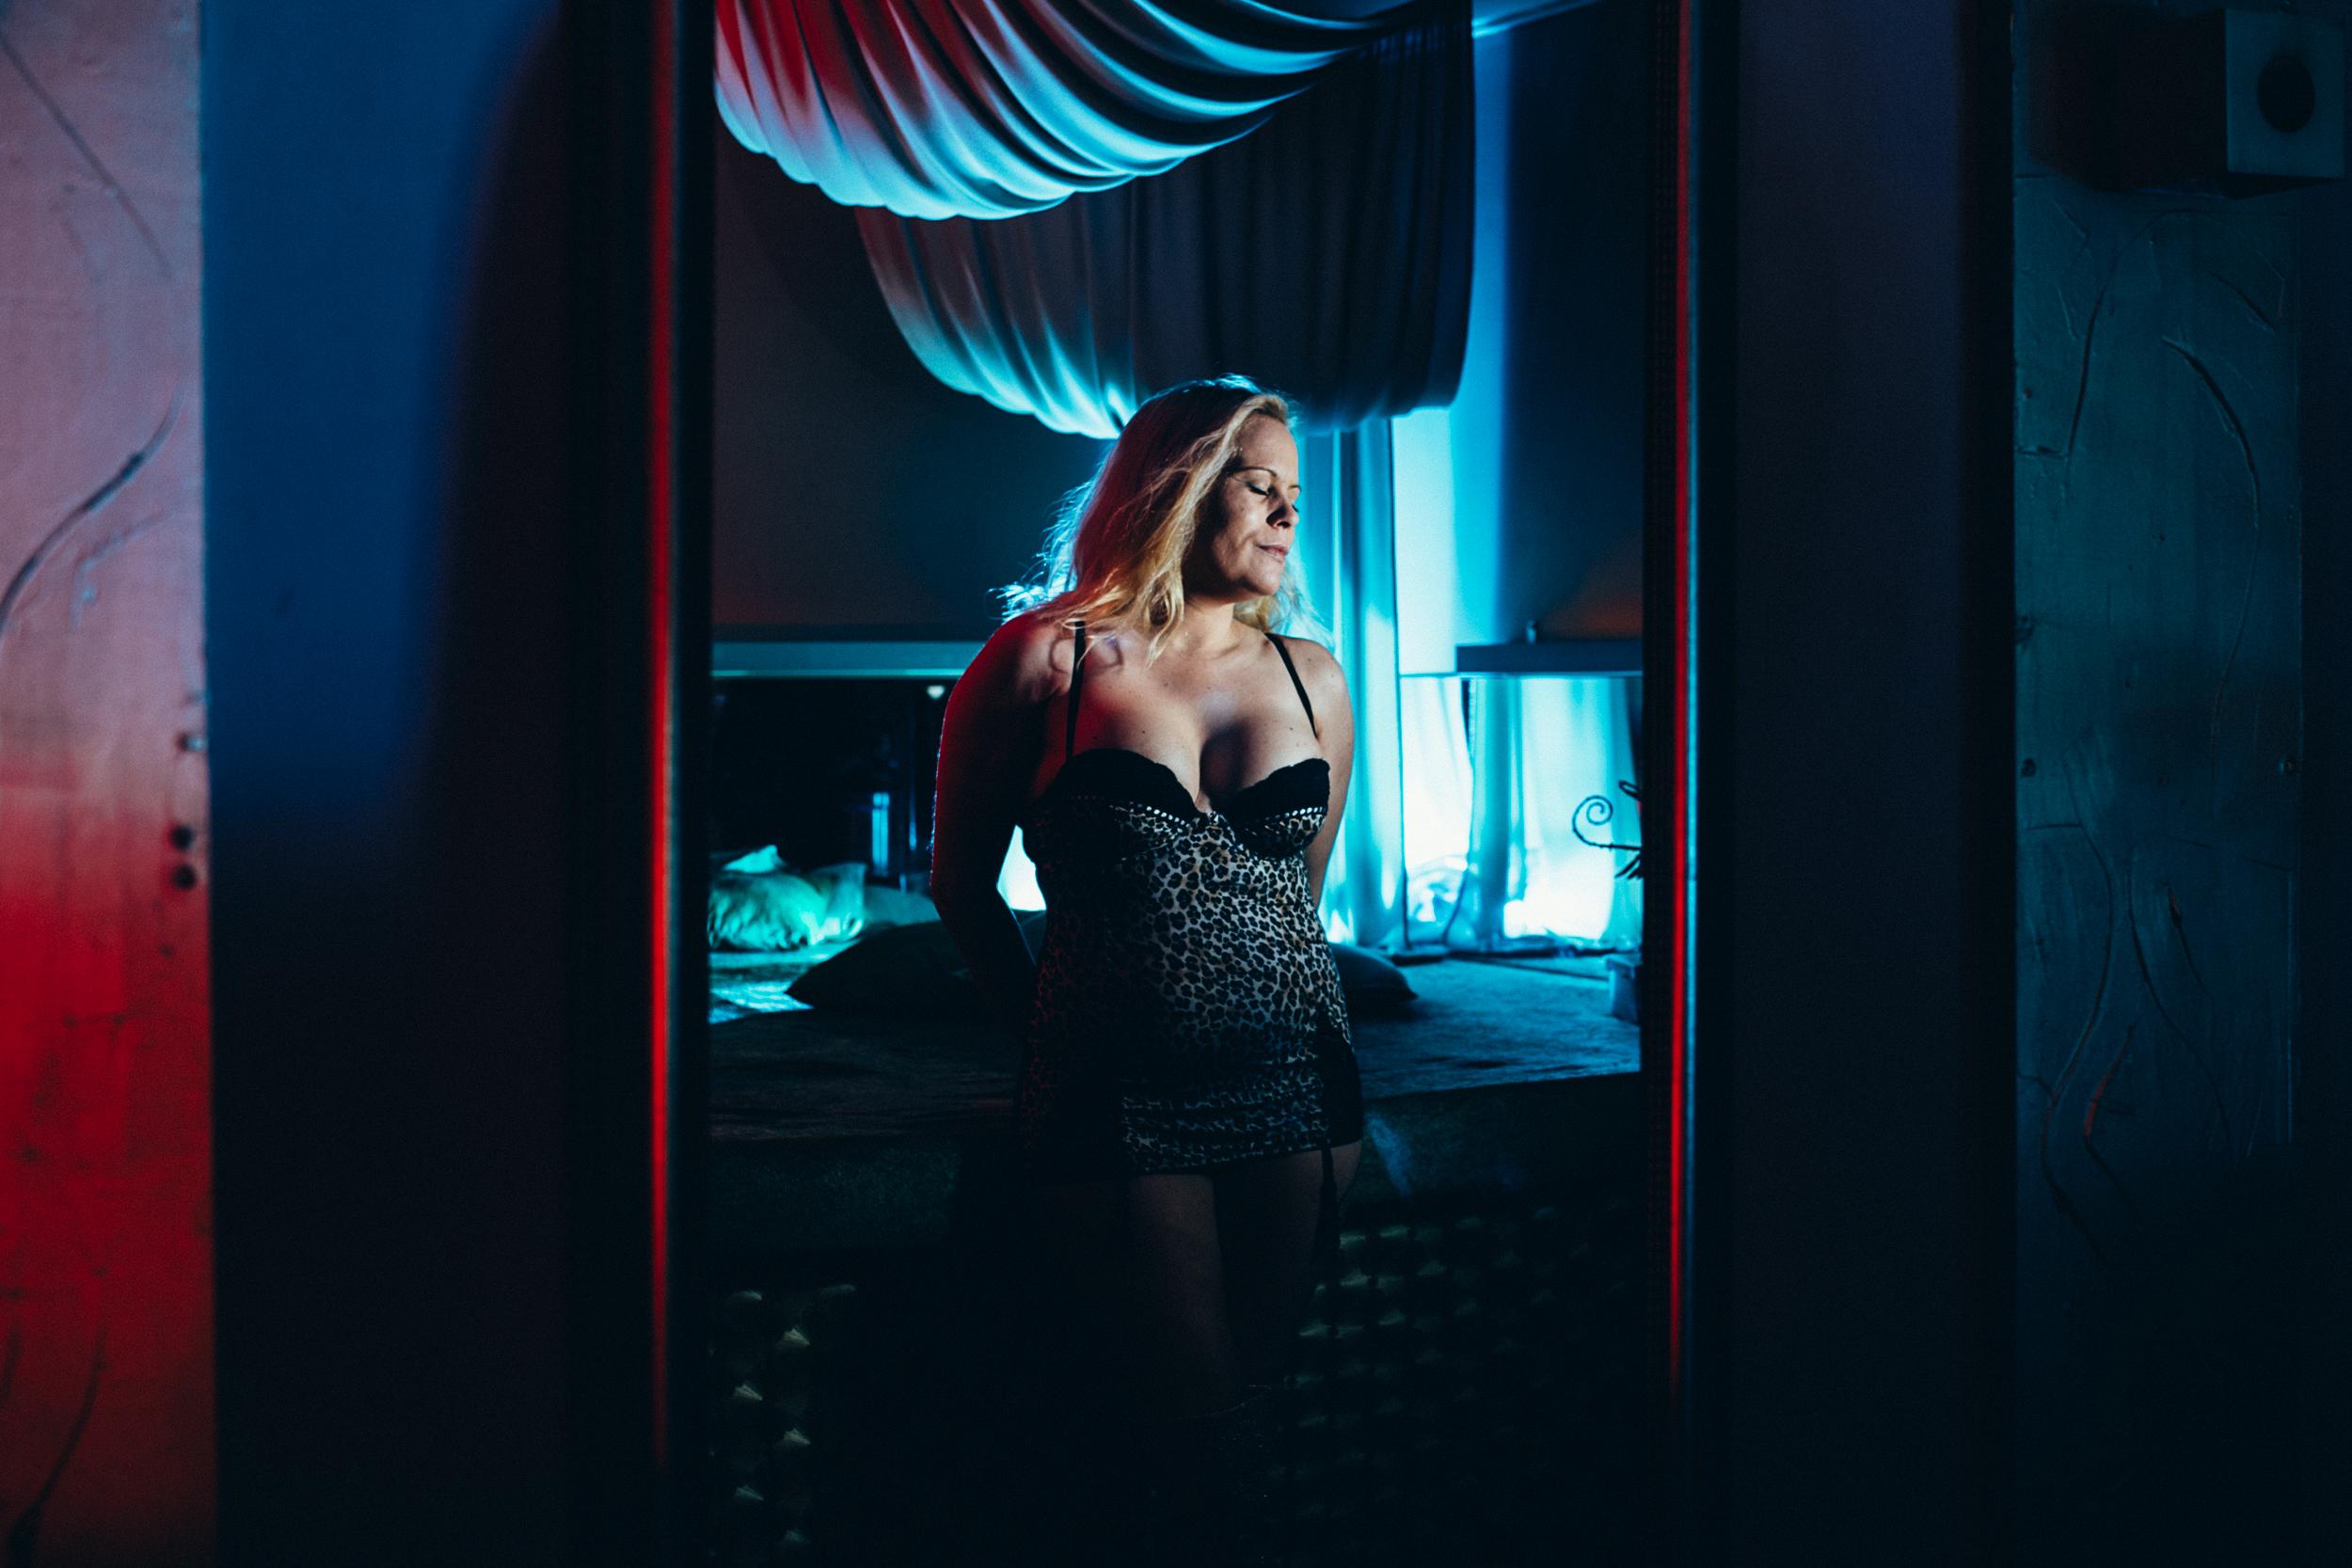 Club Erotica-2